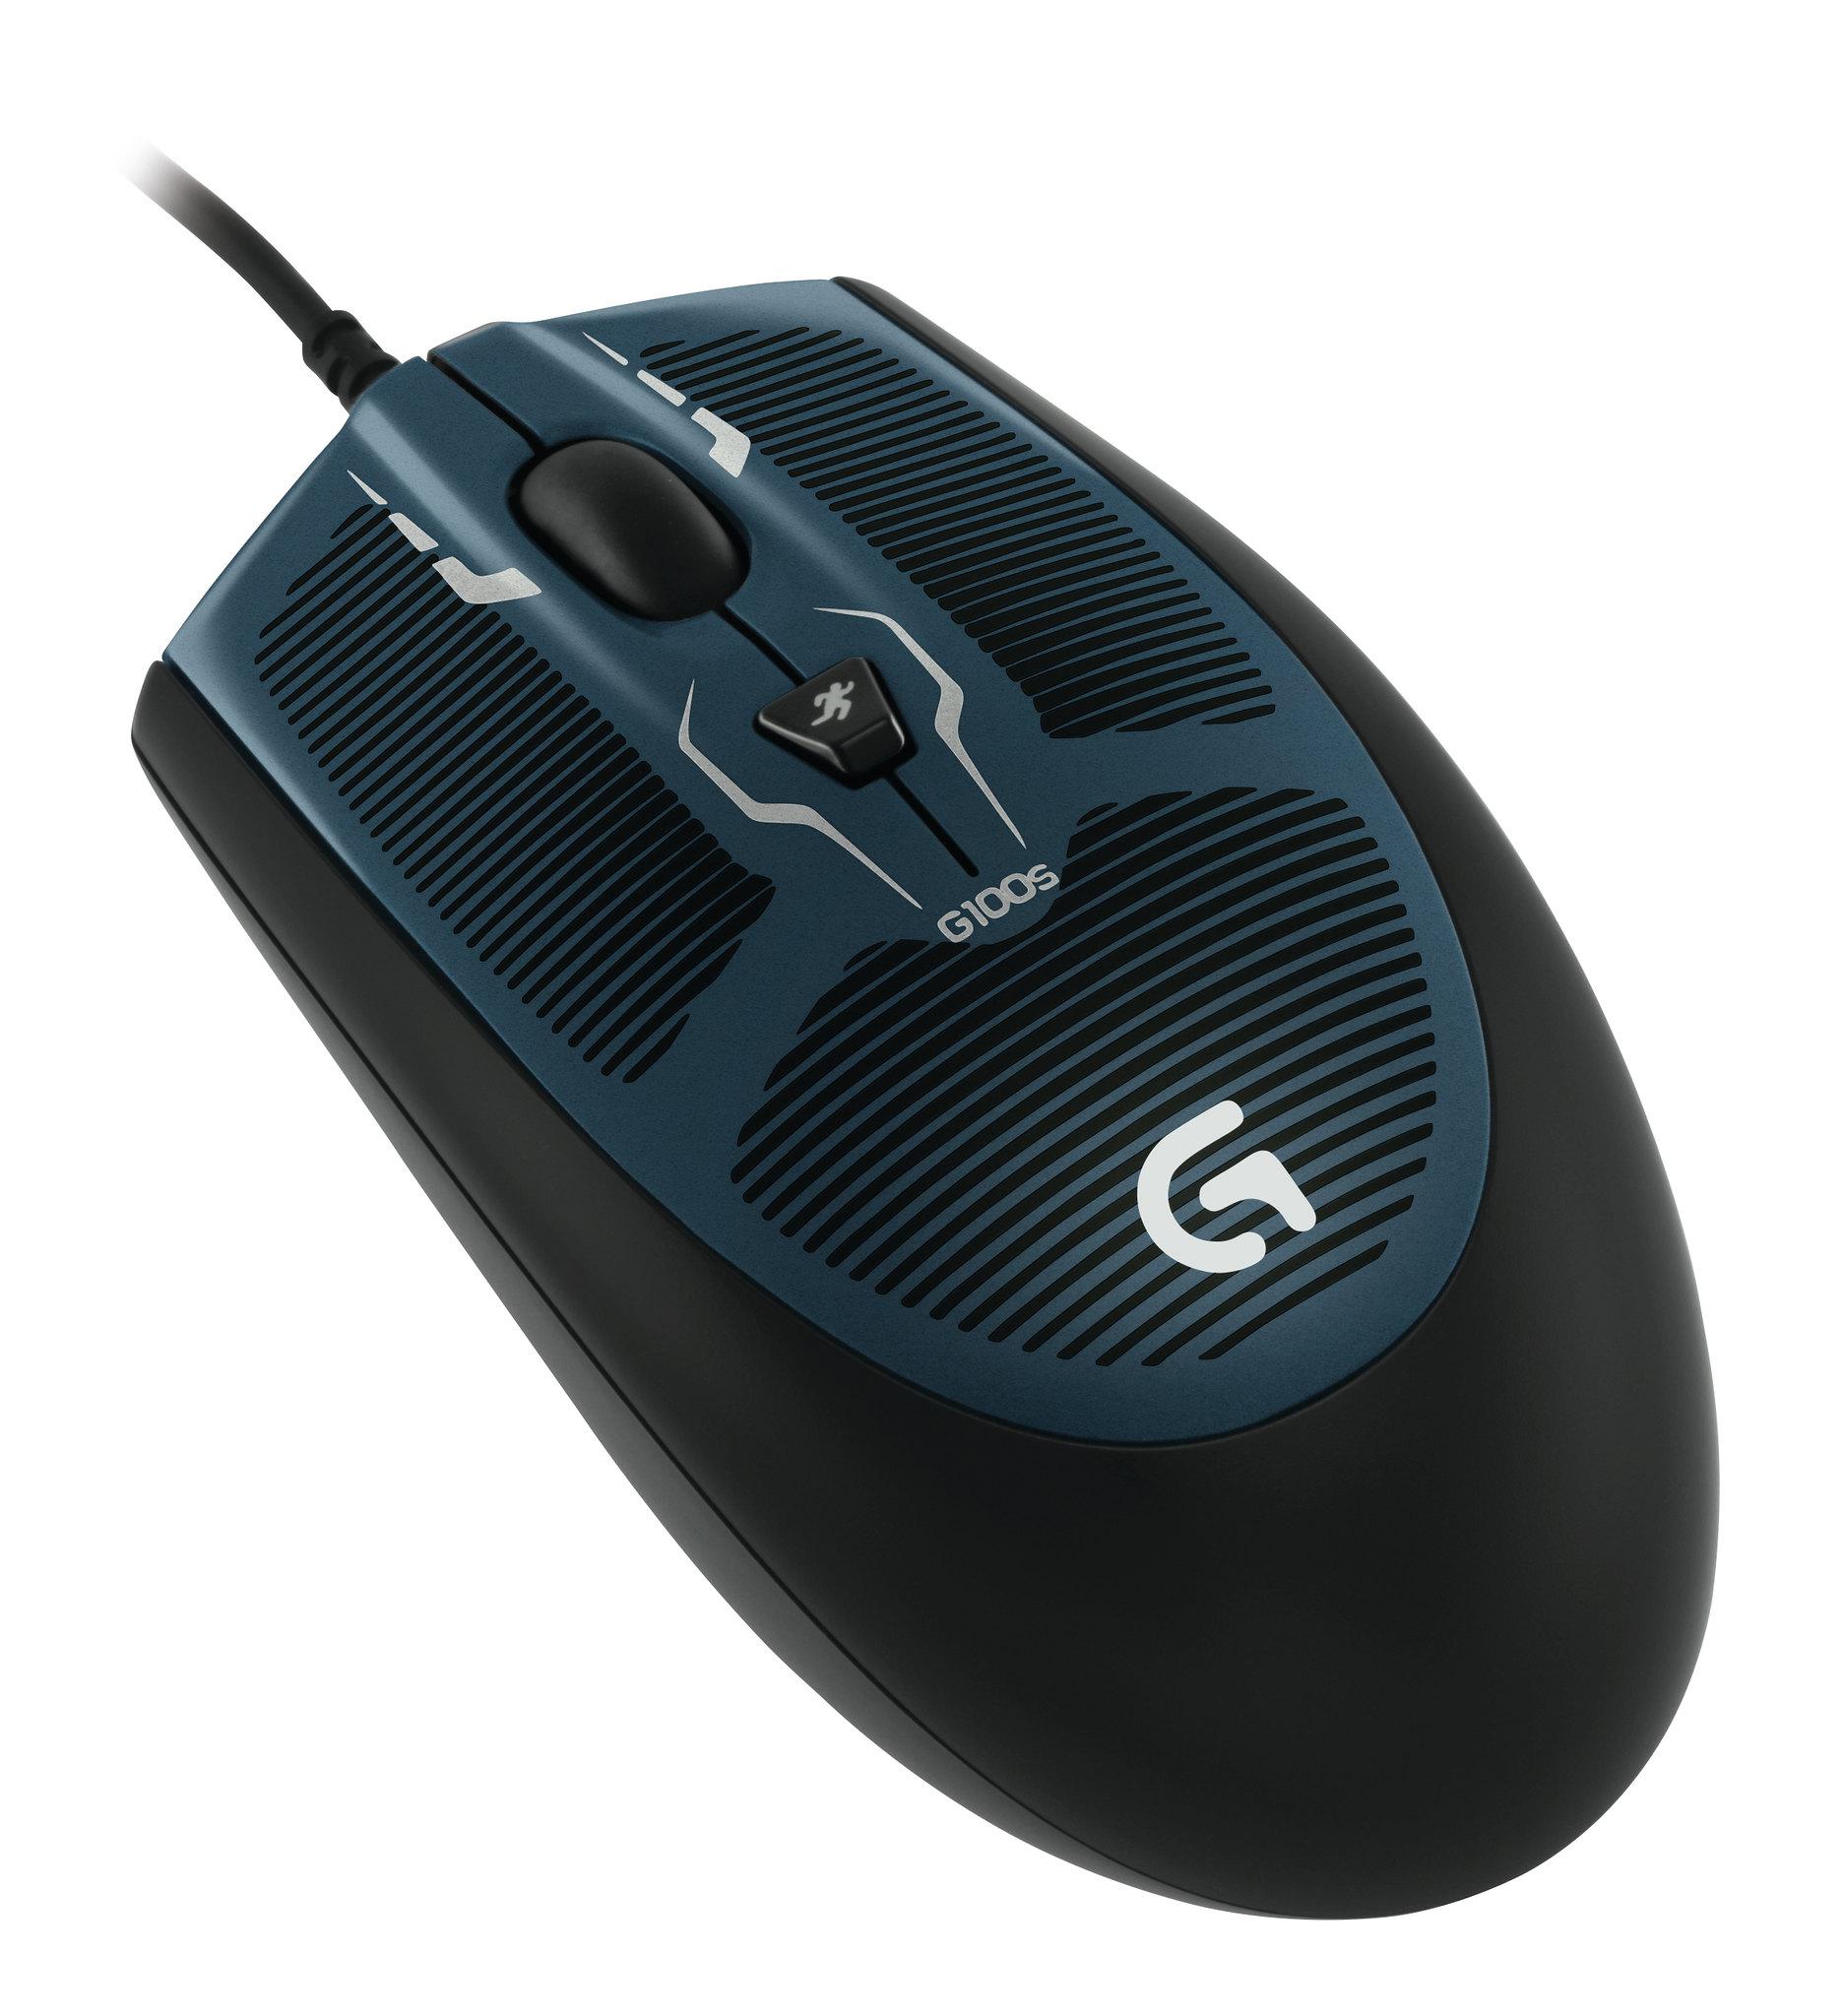 【速報】ロジクールがマウスのデザインを一新、キモオタ仕様に G700の後継機も